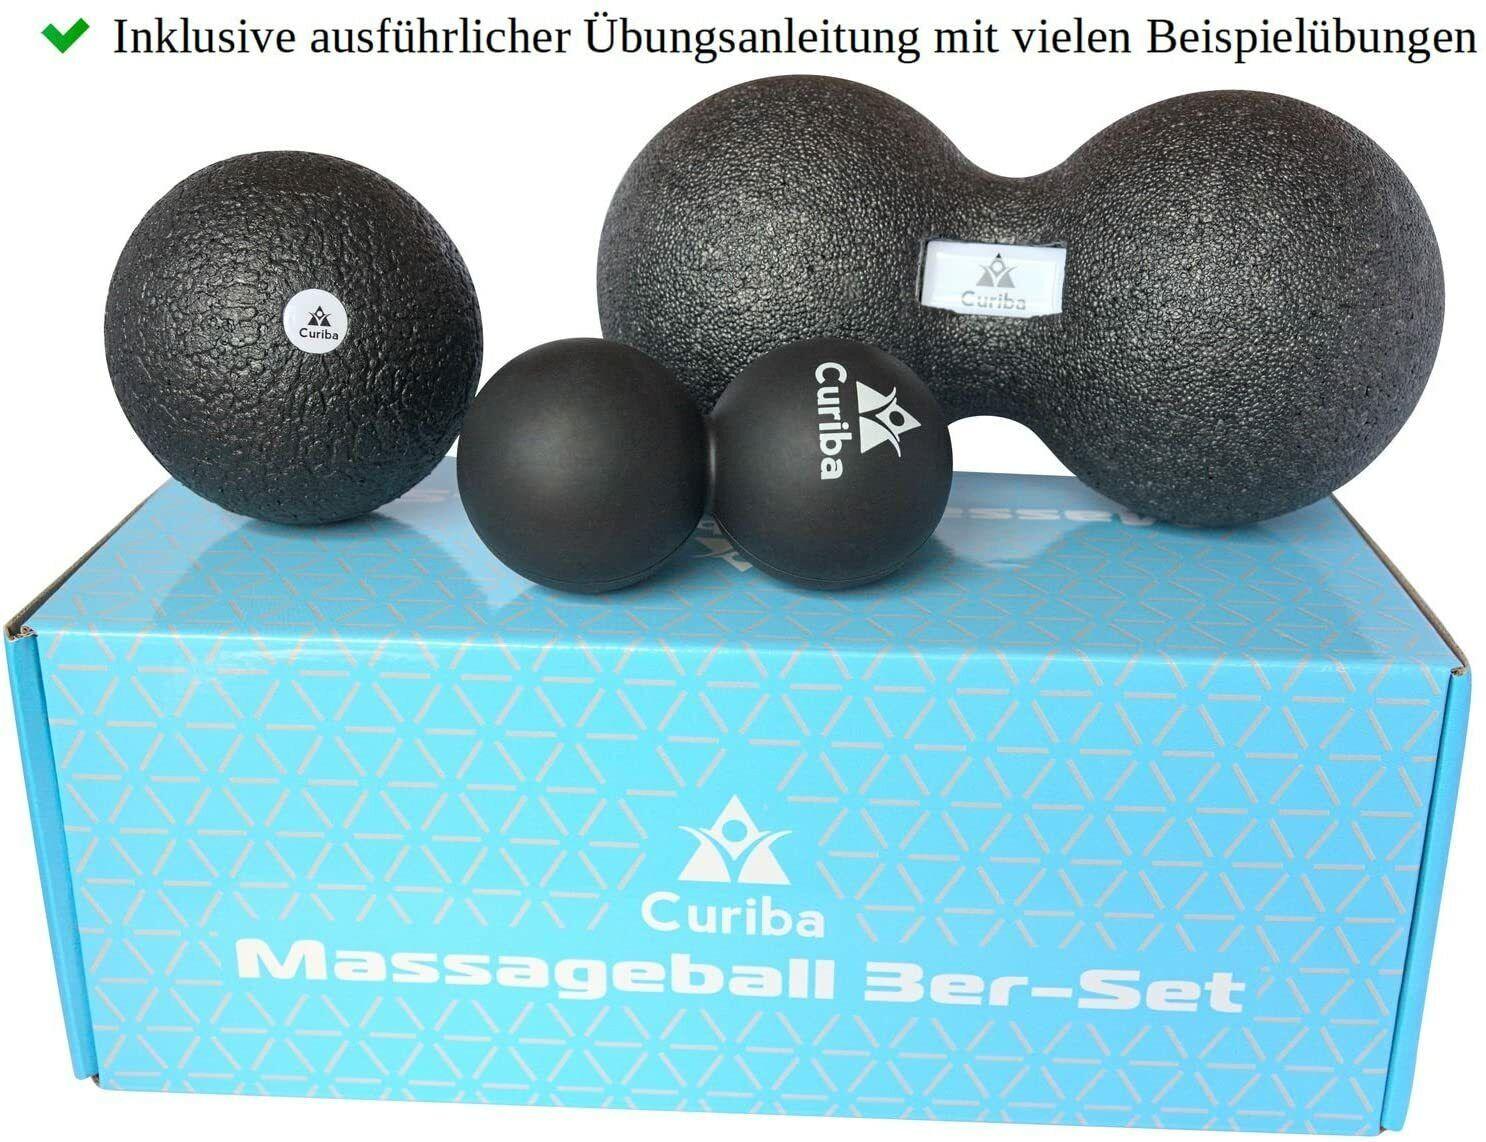 Curiba Faszienbälle Massagebälle - Einzelball, Duoball, 3er-Set